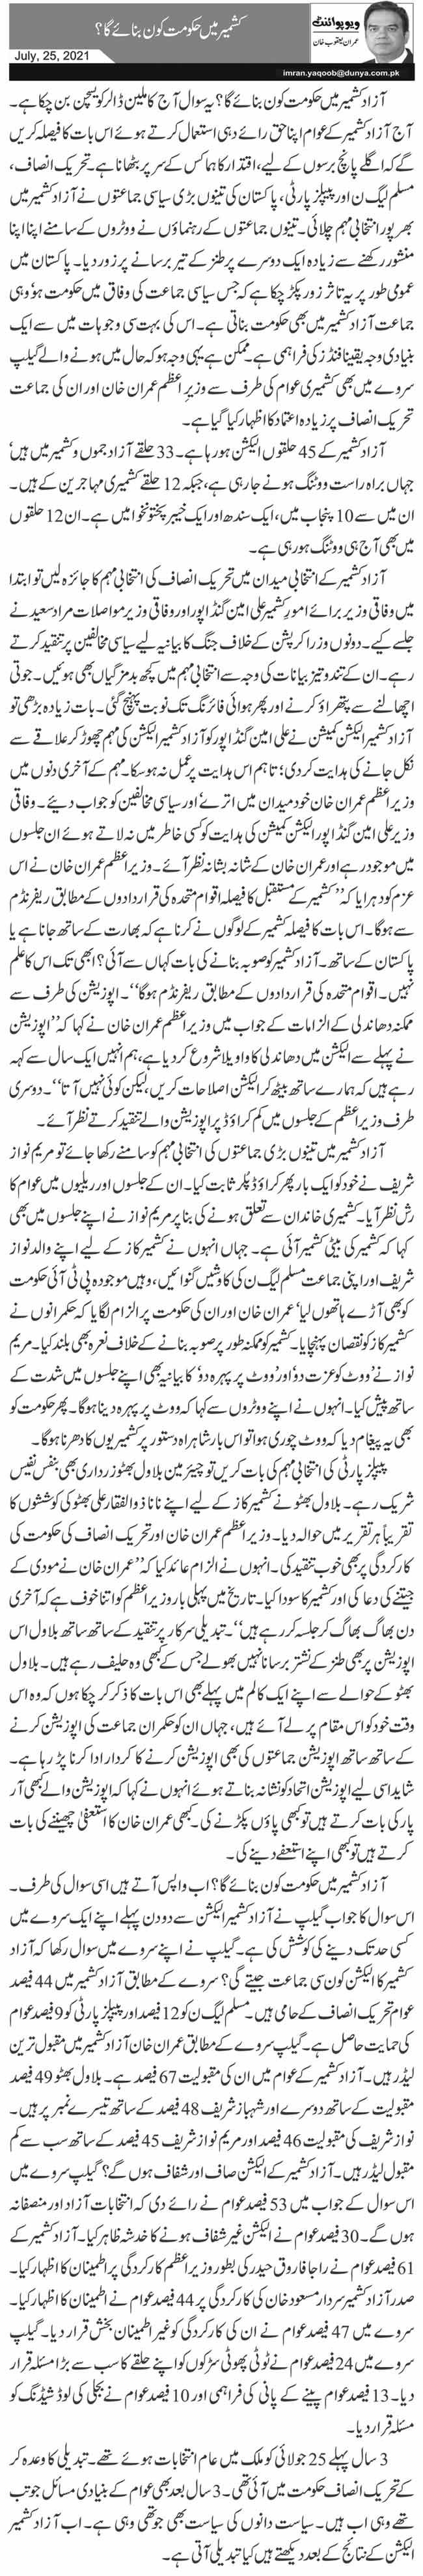 کشمیر میں حکومت کون بنائے گا؟